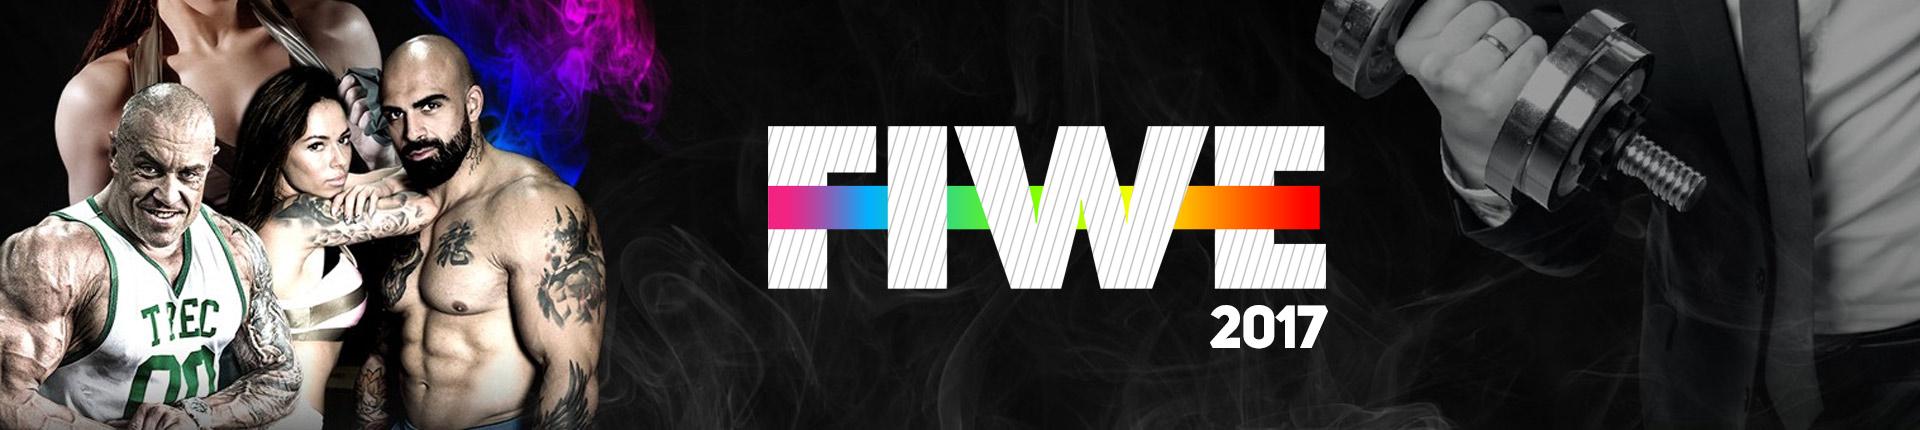 Zapraszamy na FIWE 2017 - 09-10.09.2017 w Warszawie